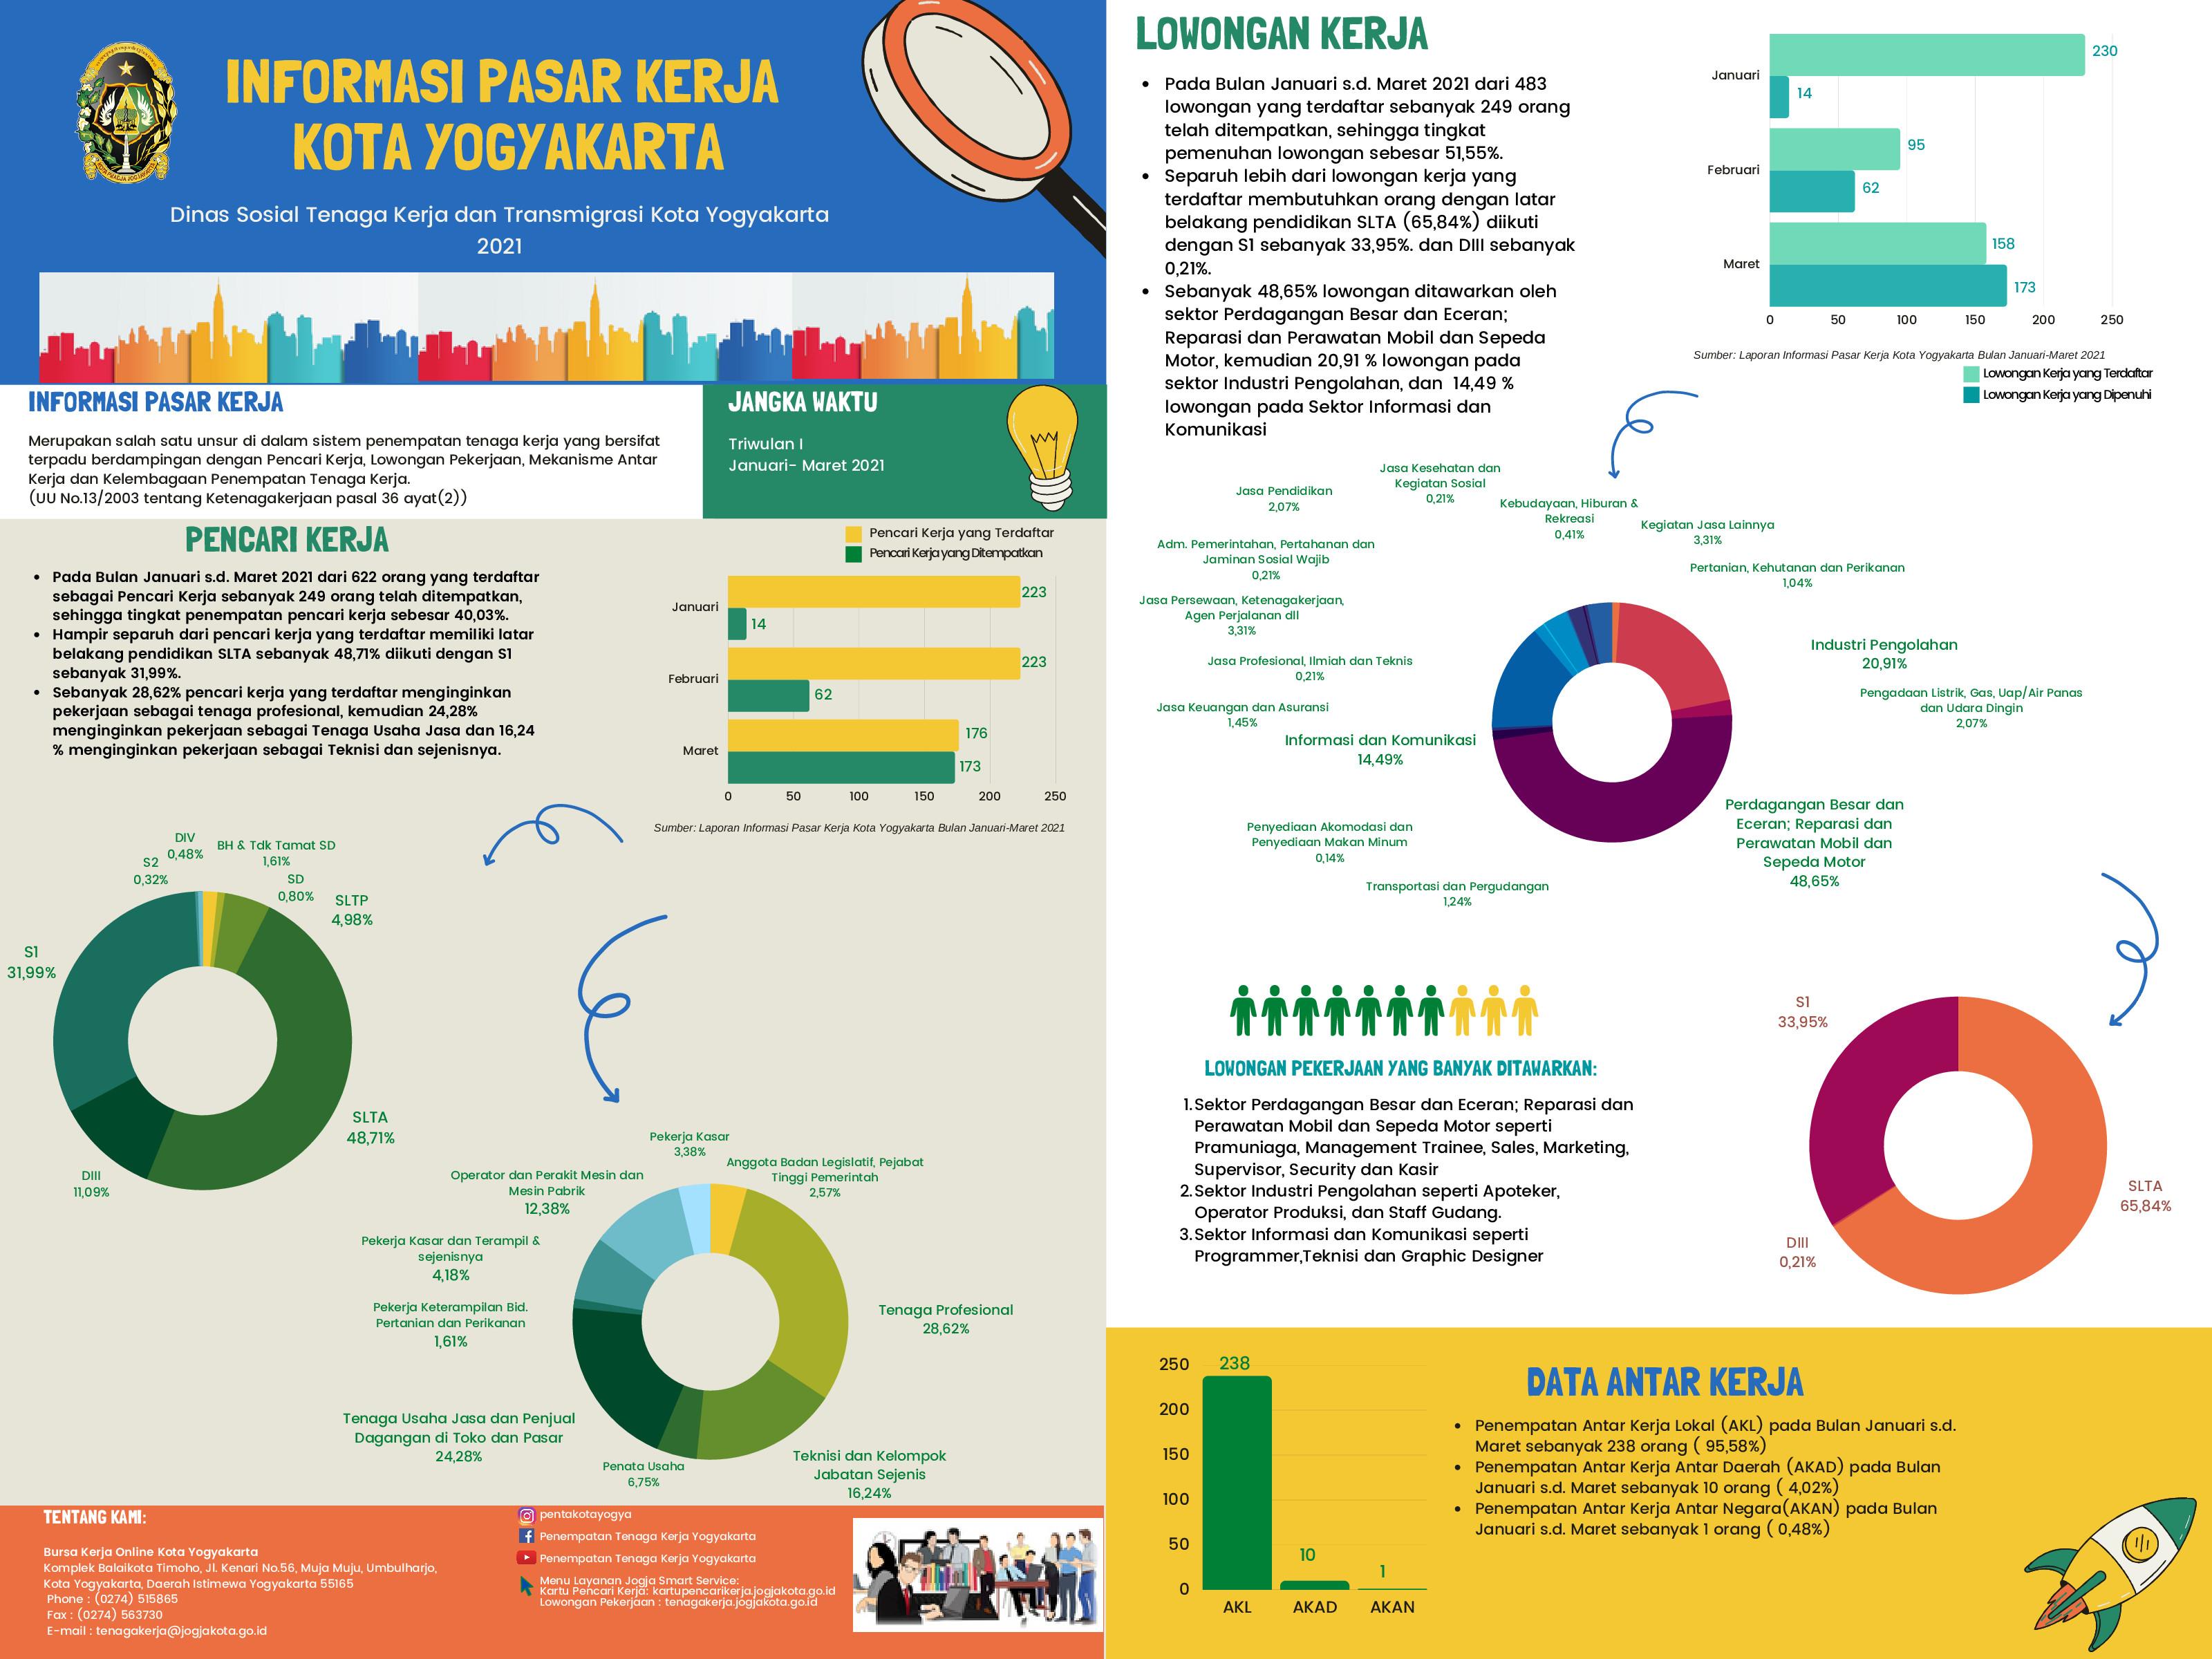 Pelayanan Bidang Pengembangan Tenaga Kerja  di Dinas Sosial, Tenaga Kerja dan Transmigrasi Kota Yogyakarta